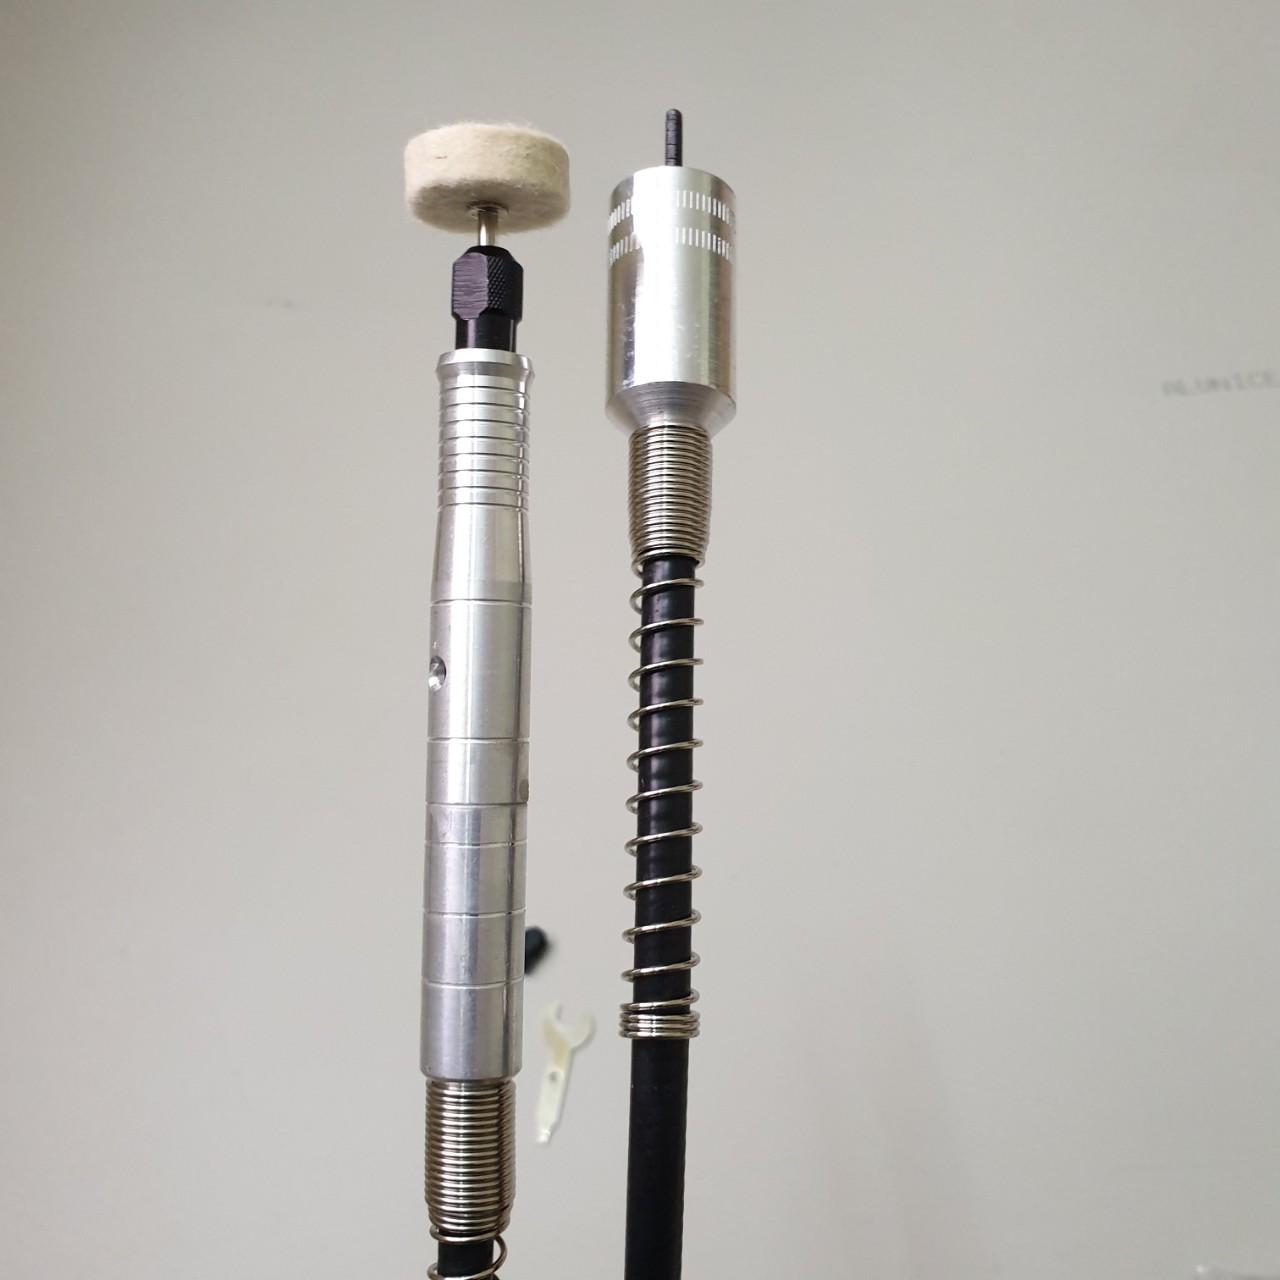 Dây nối dài máy mài khắc mini tay cầm nhôm cao cấp